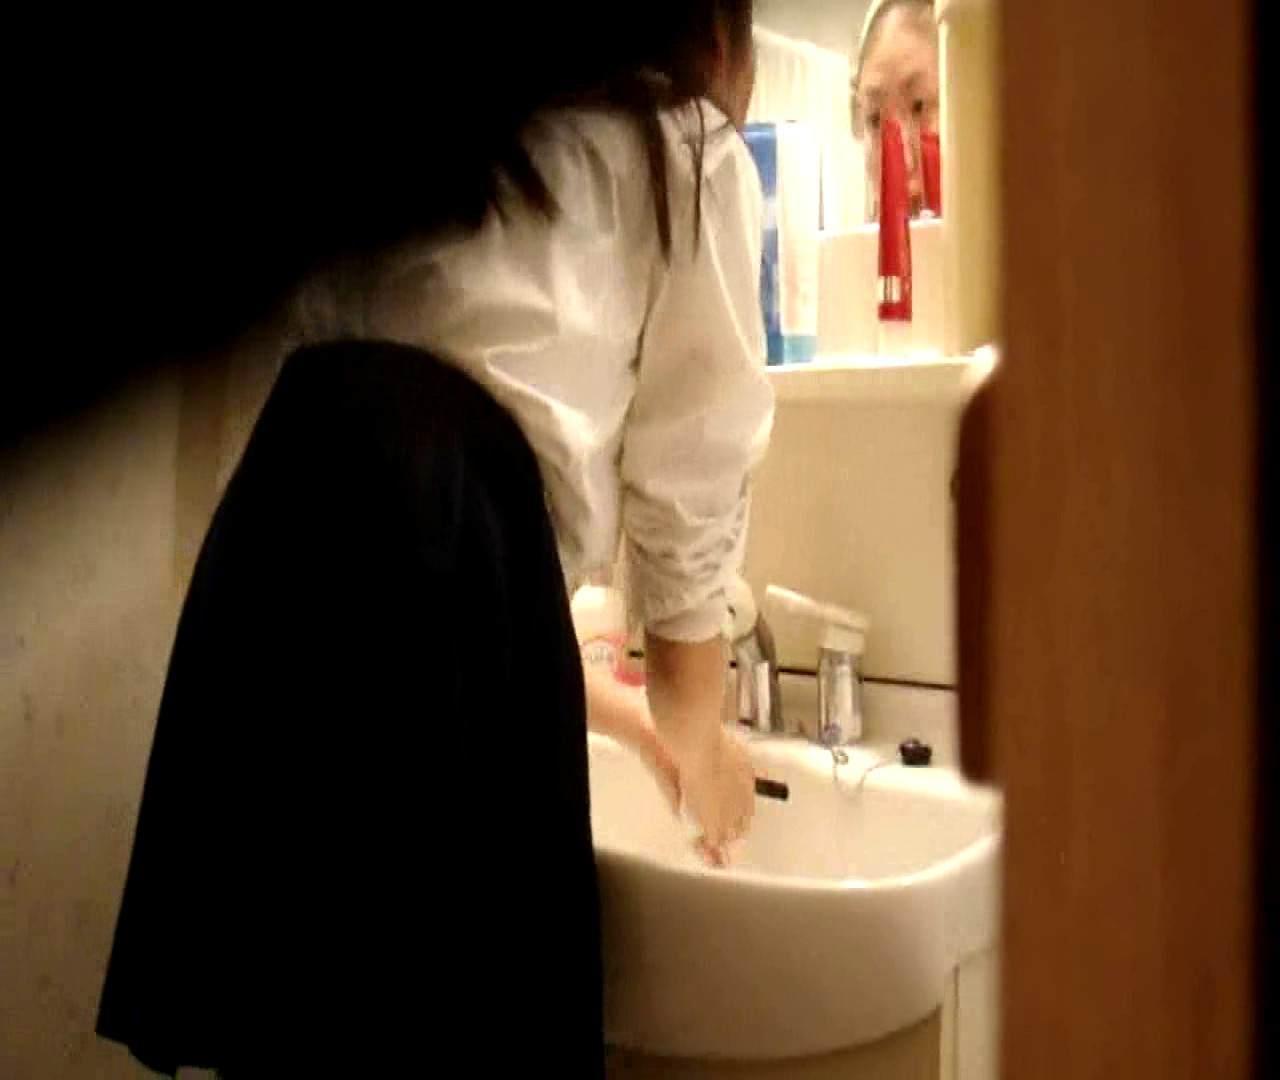 vol.5 まどかが帰宅後の洗顔後にブラを洗ってます。 いじくり  75PIX 40